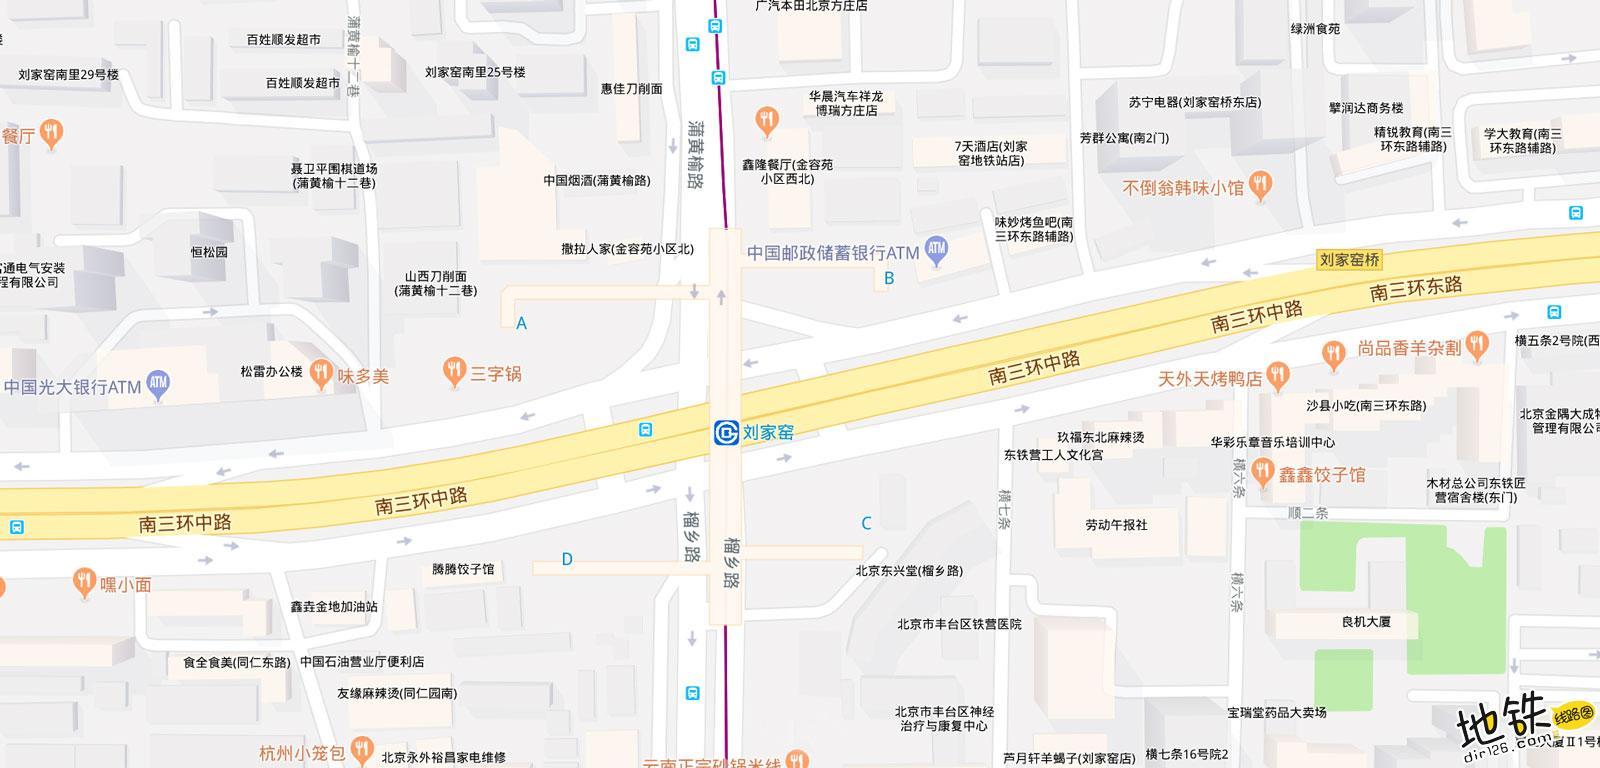 刘家窑地铁站 北京地铁刘家窑站出入口 地图信息查询  北京地铁站  第2张